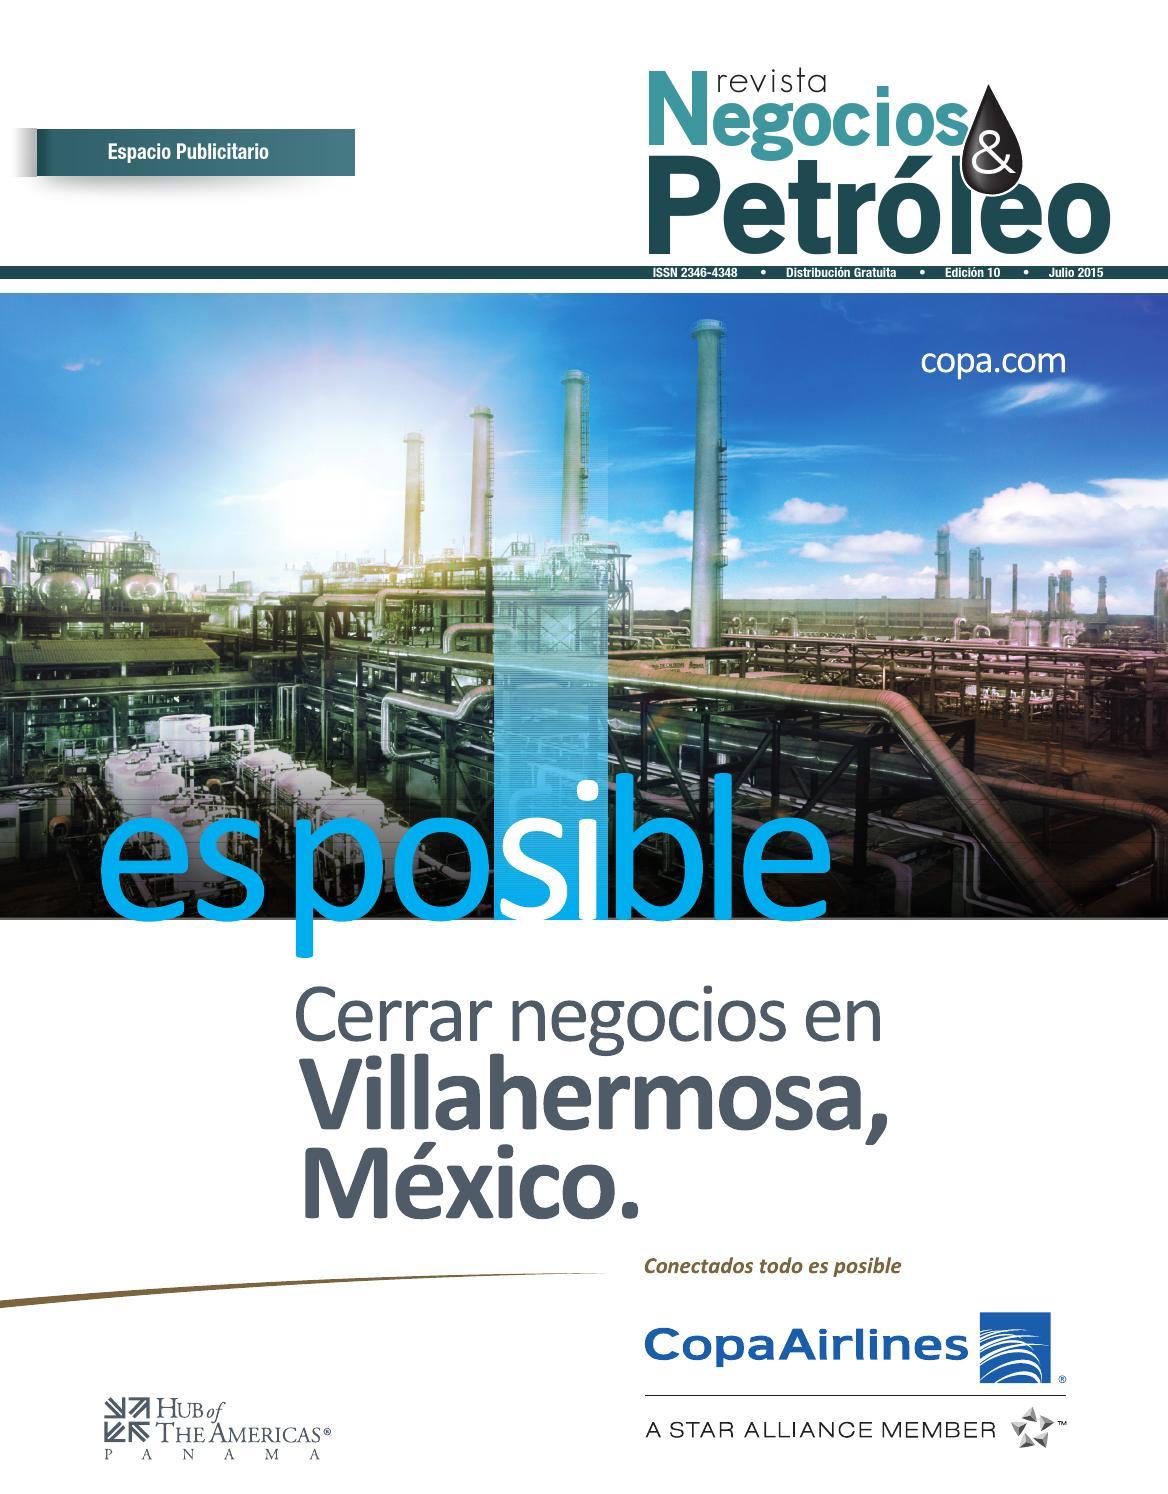 Revista N&P EDICIÓN 10 by Revista Negocios & Petróleo - issuu